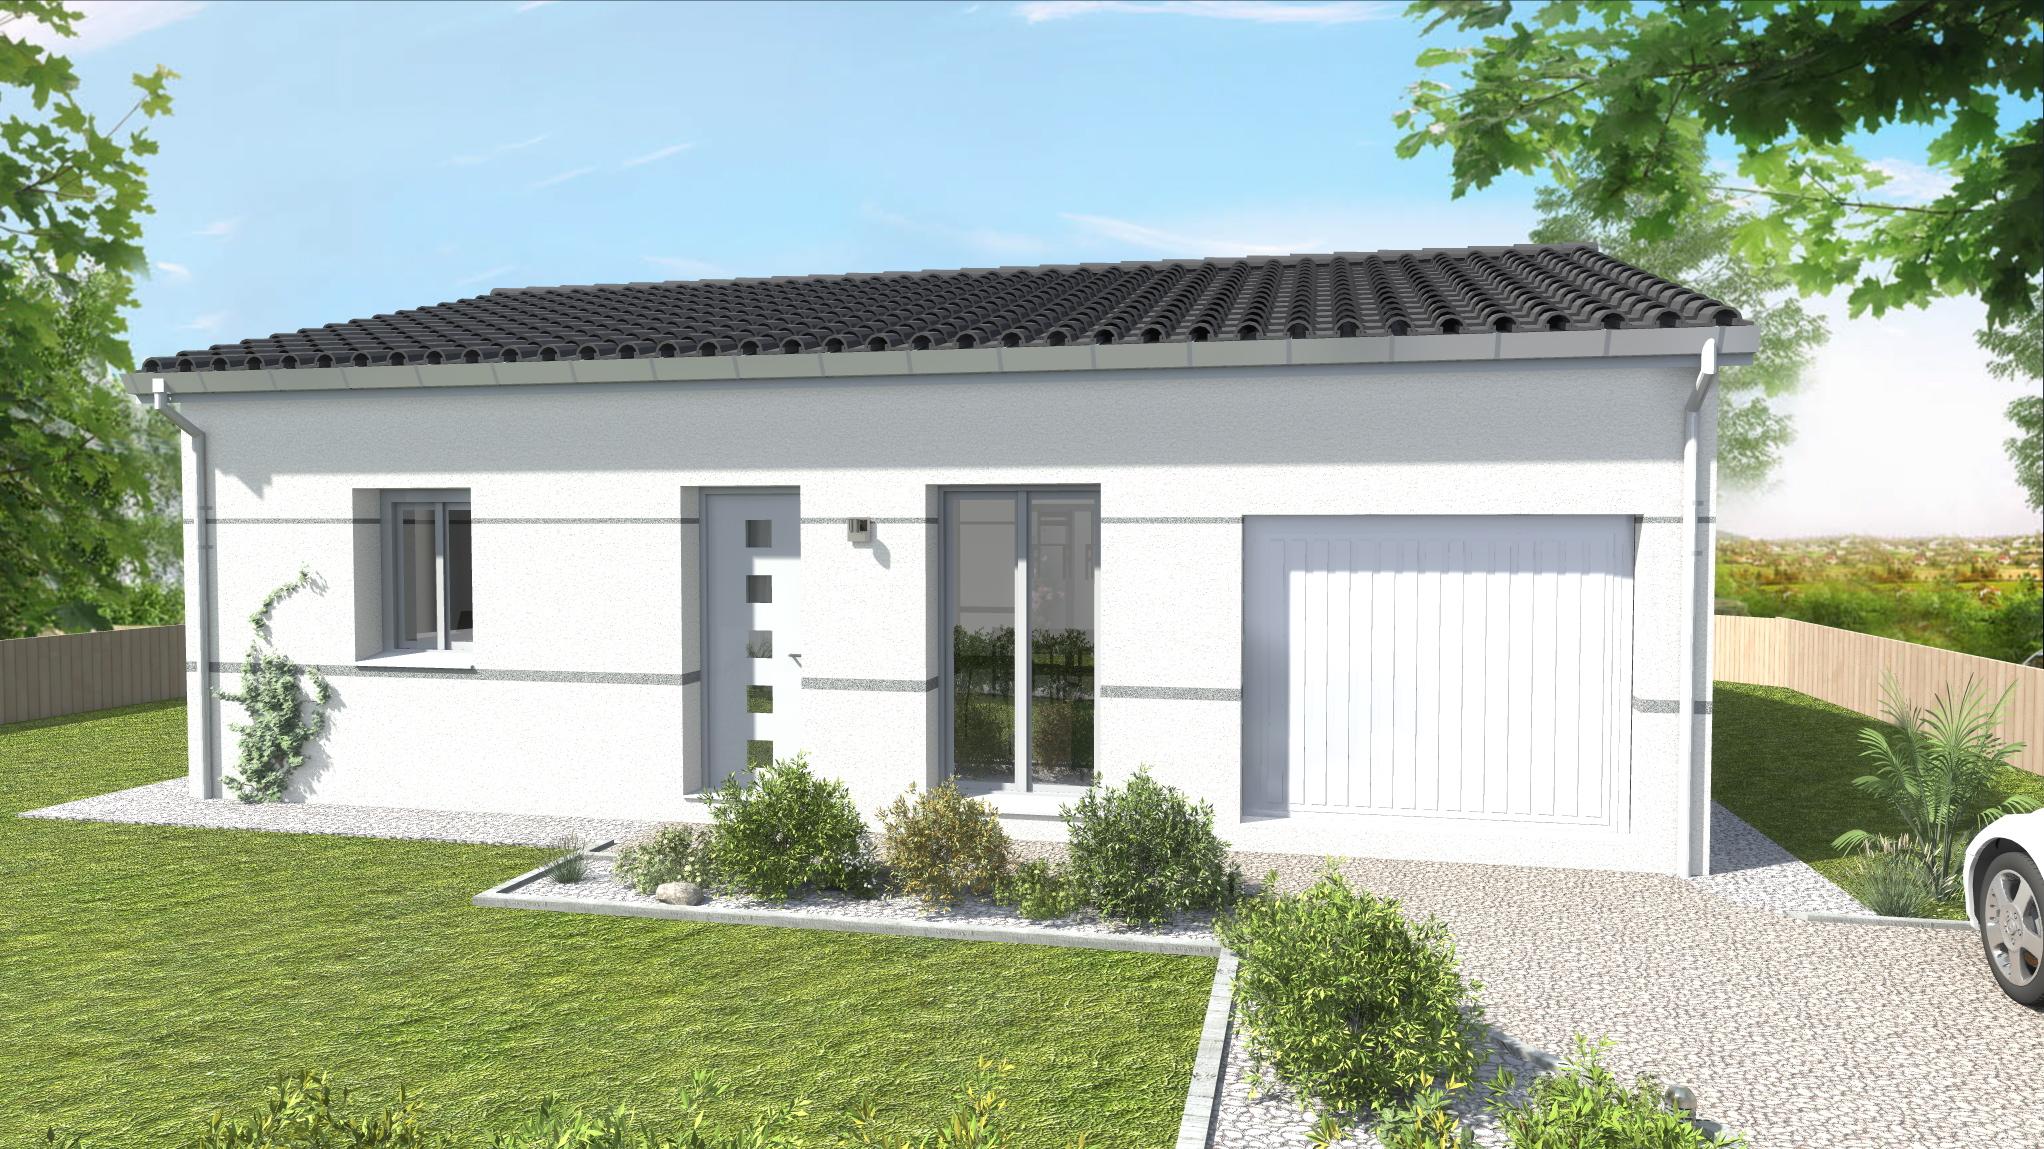 Constructeur De Maison Gers ger constructeur de maisons individuelles 47, 32 et 82